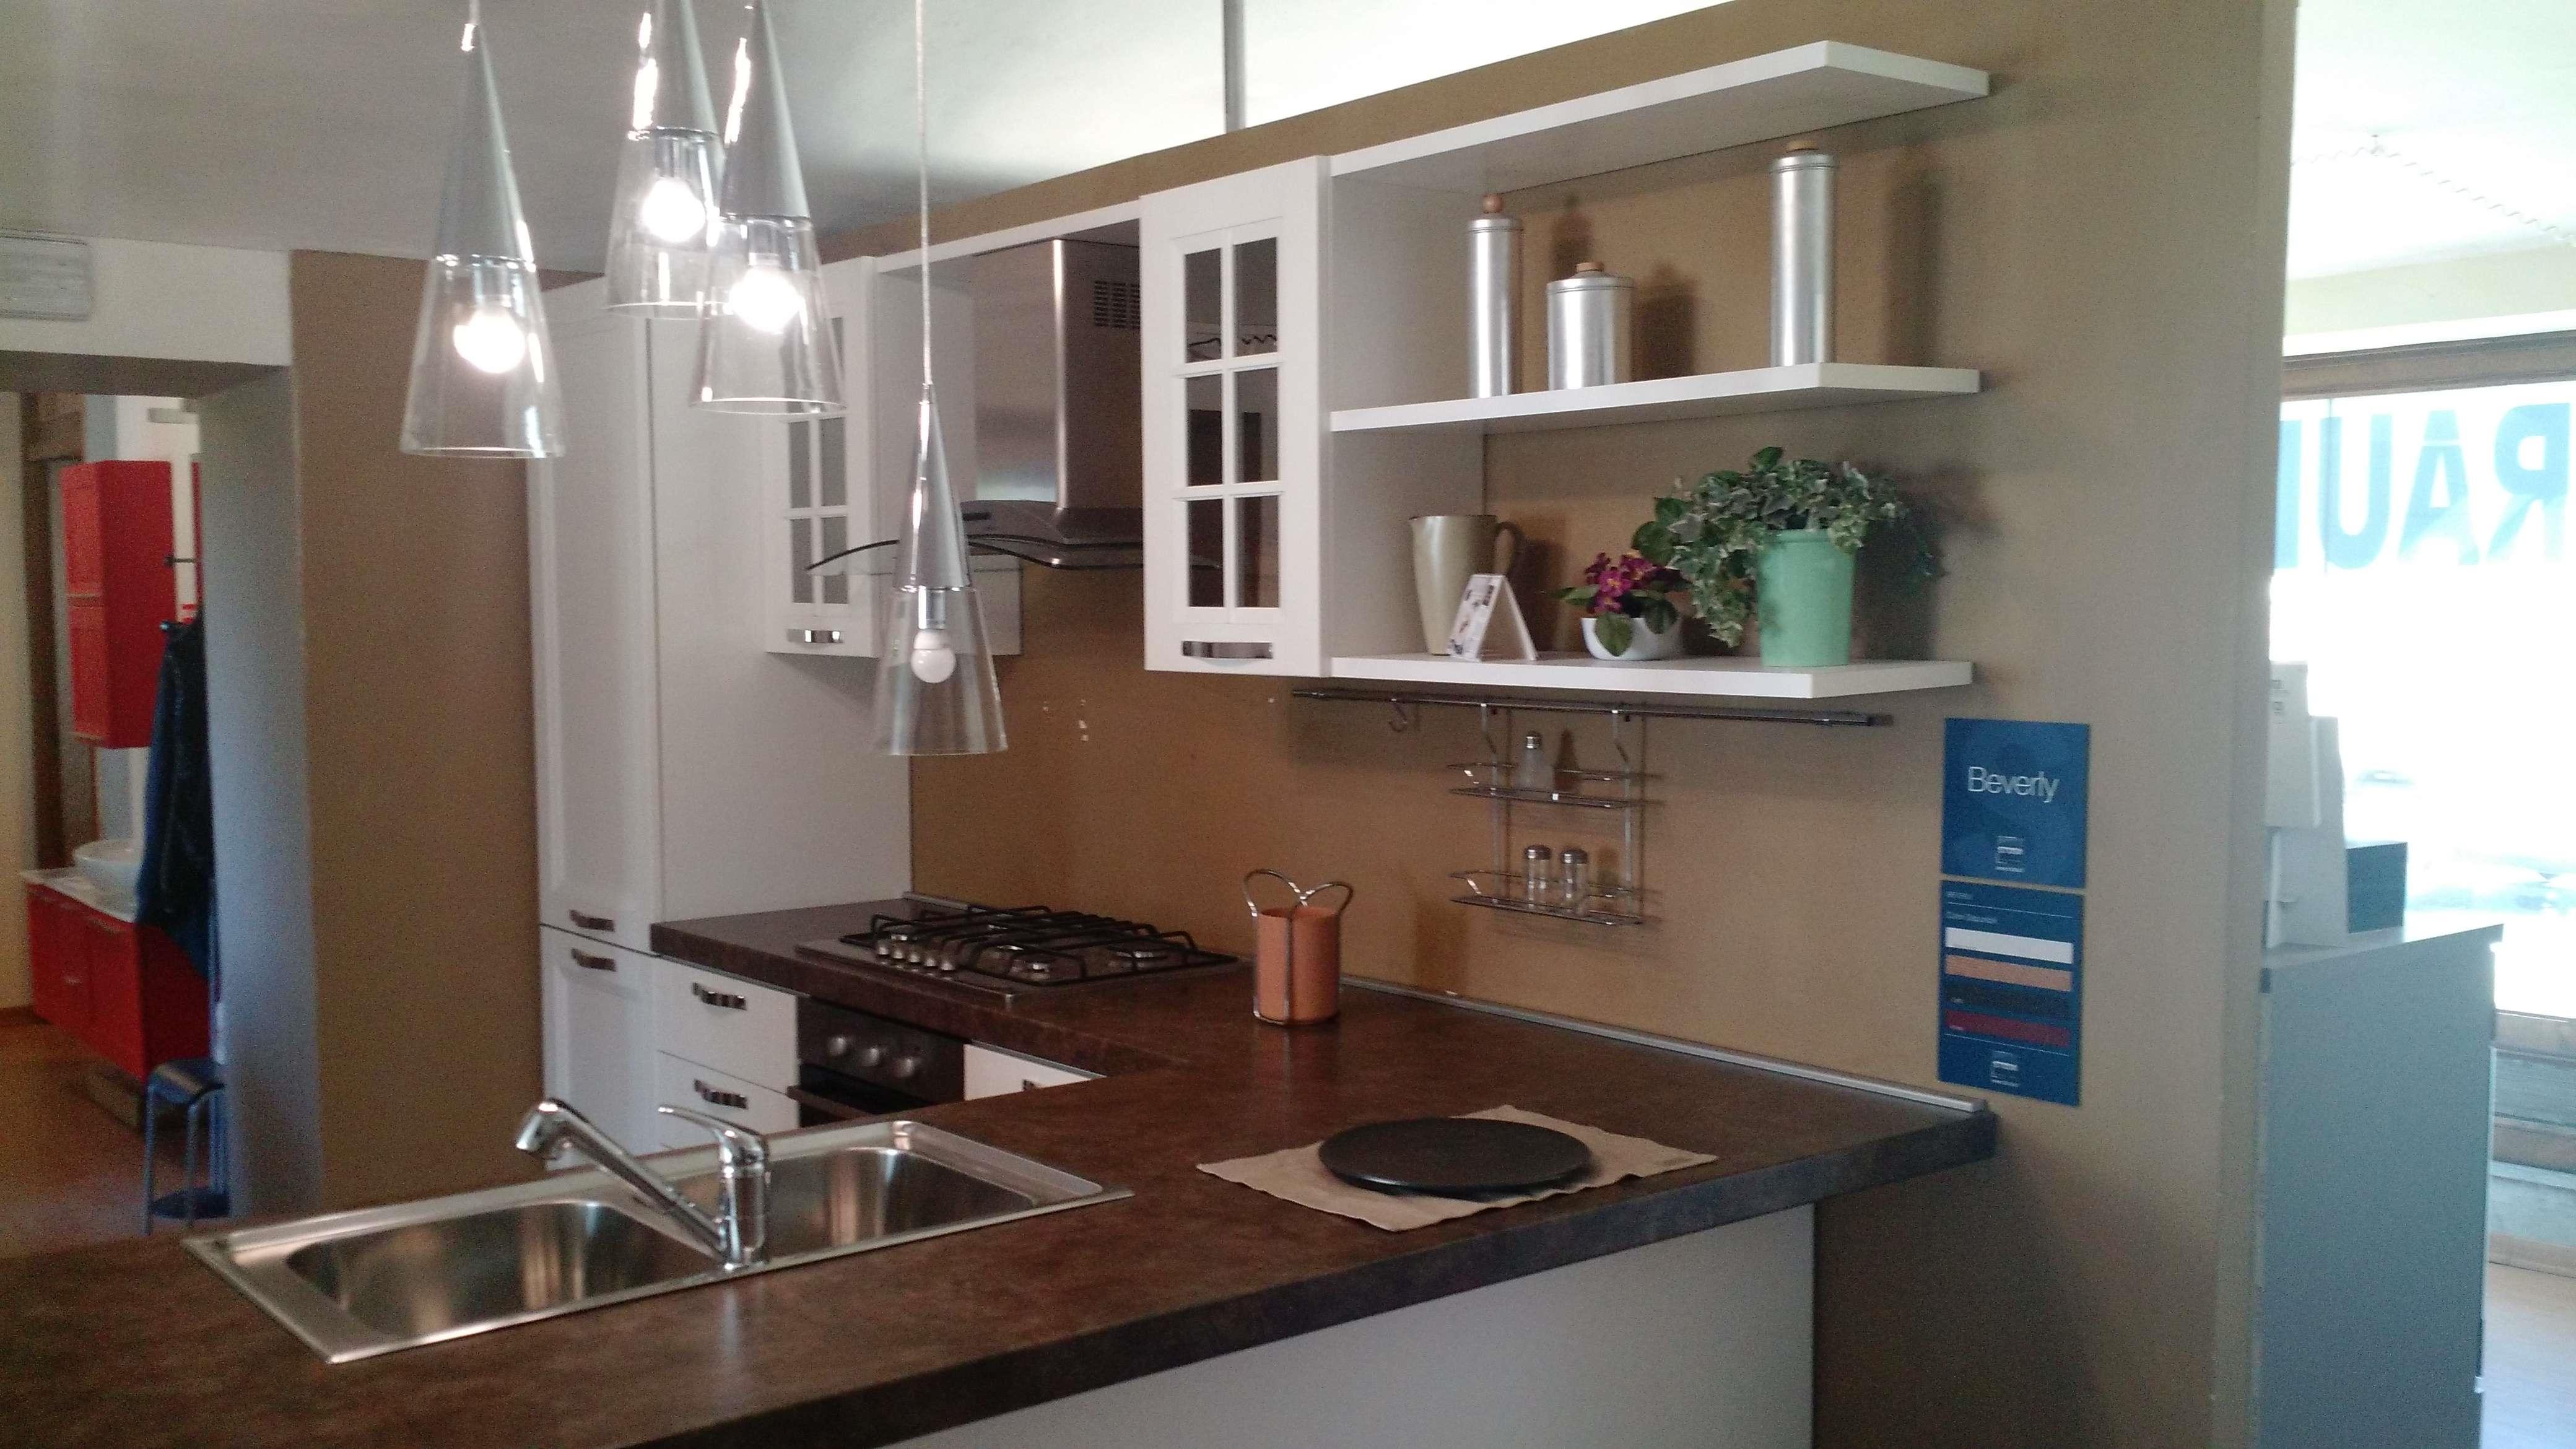 Cucina con penisola stosa scontata del 50 cucine a - Penisola cucina in muratura ...